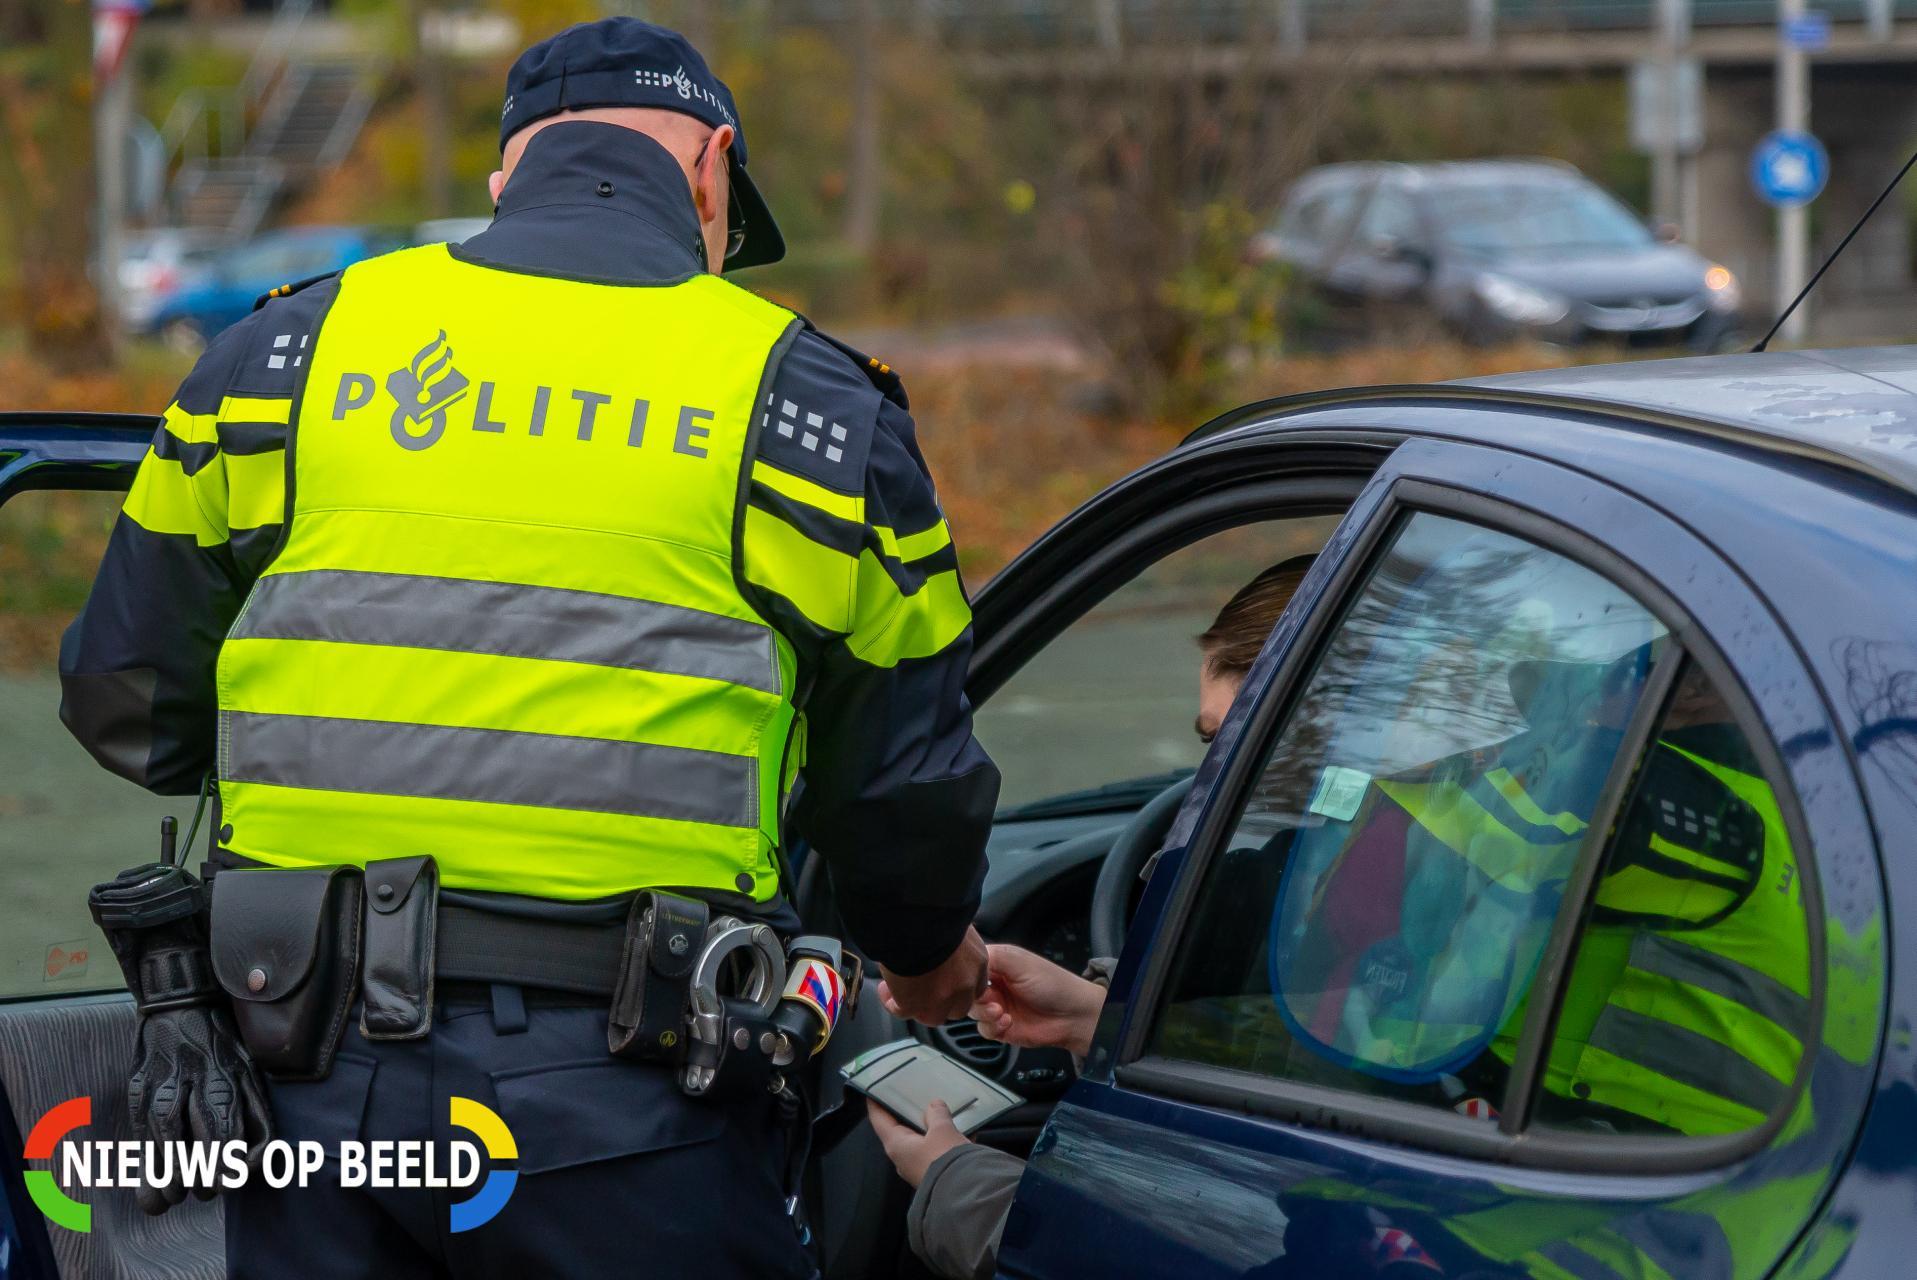 Magneetje opent luikje in auto met vijf kilo harddrugs in Papendrecht